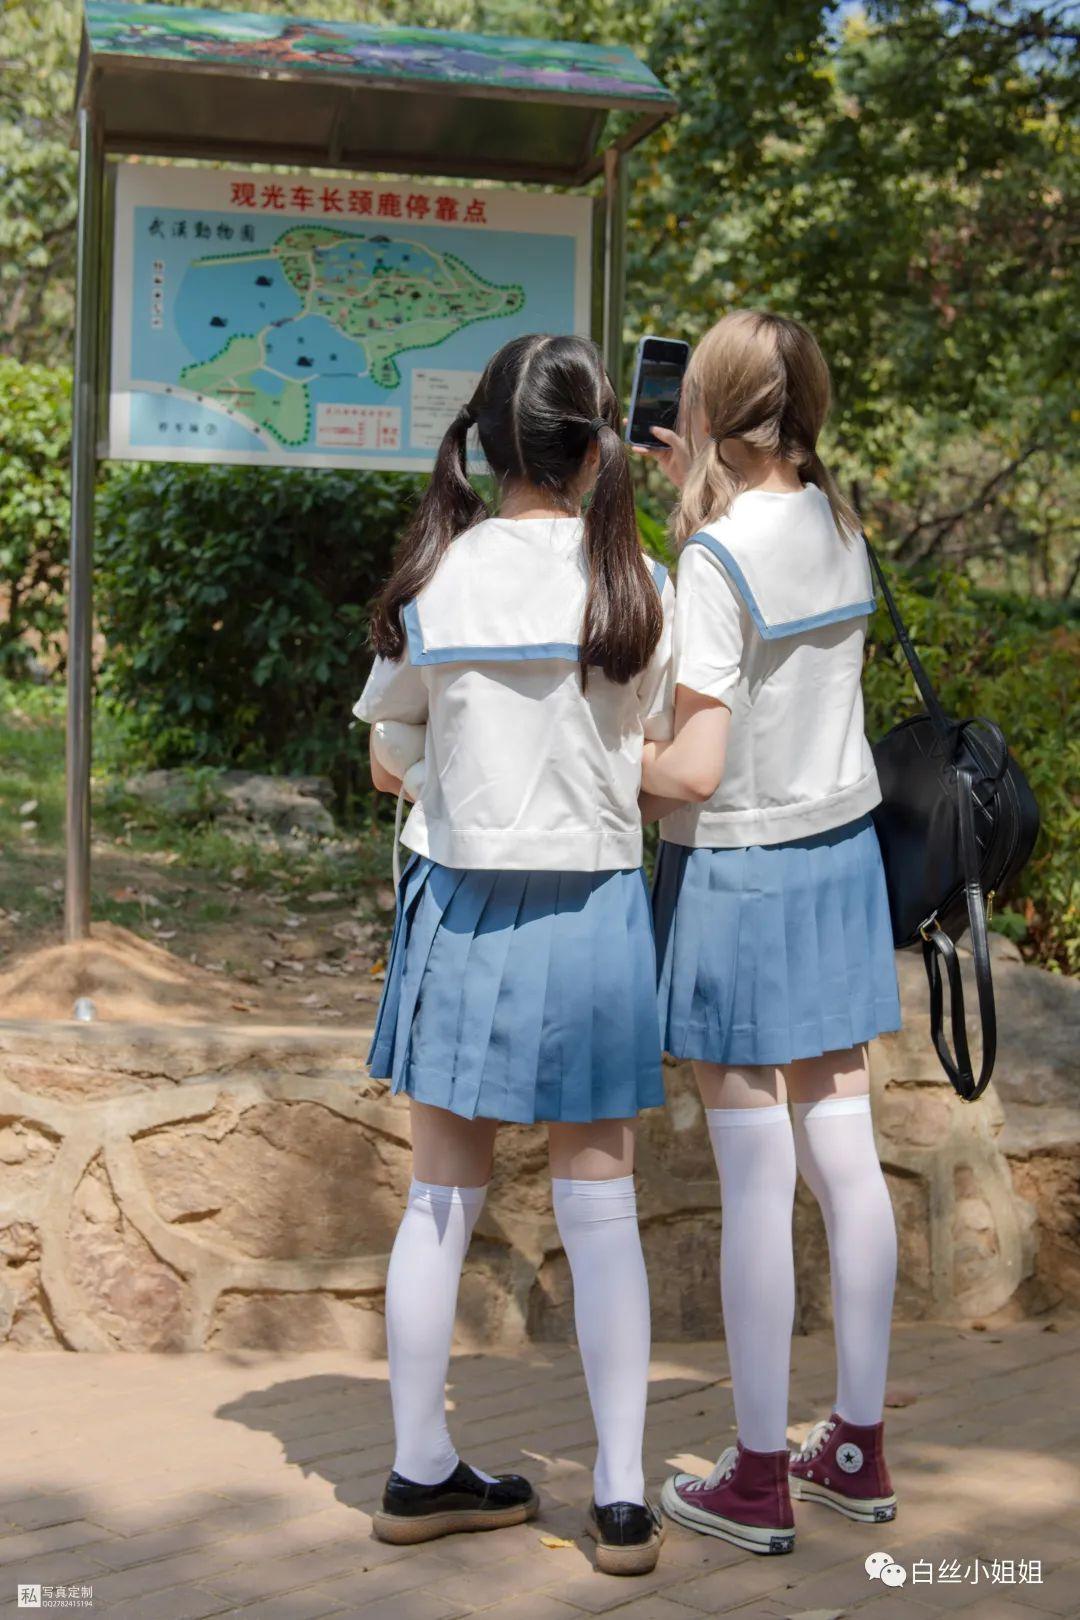 妹子摄影 – 白丝袜JK制服萝莉成对出现,双倍快乐!_图片 No.4